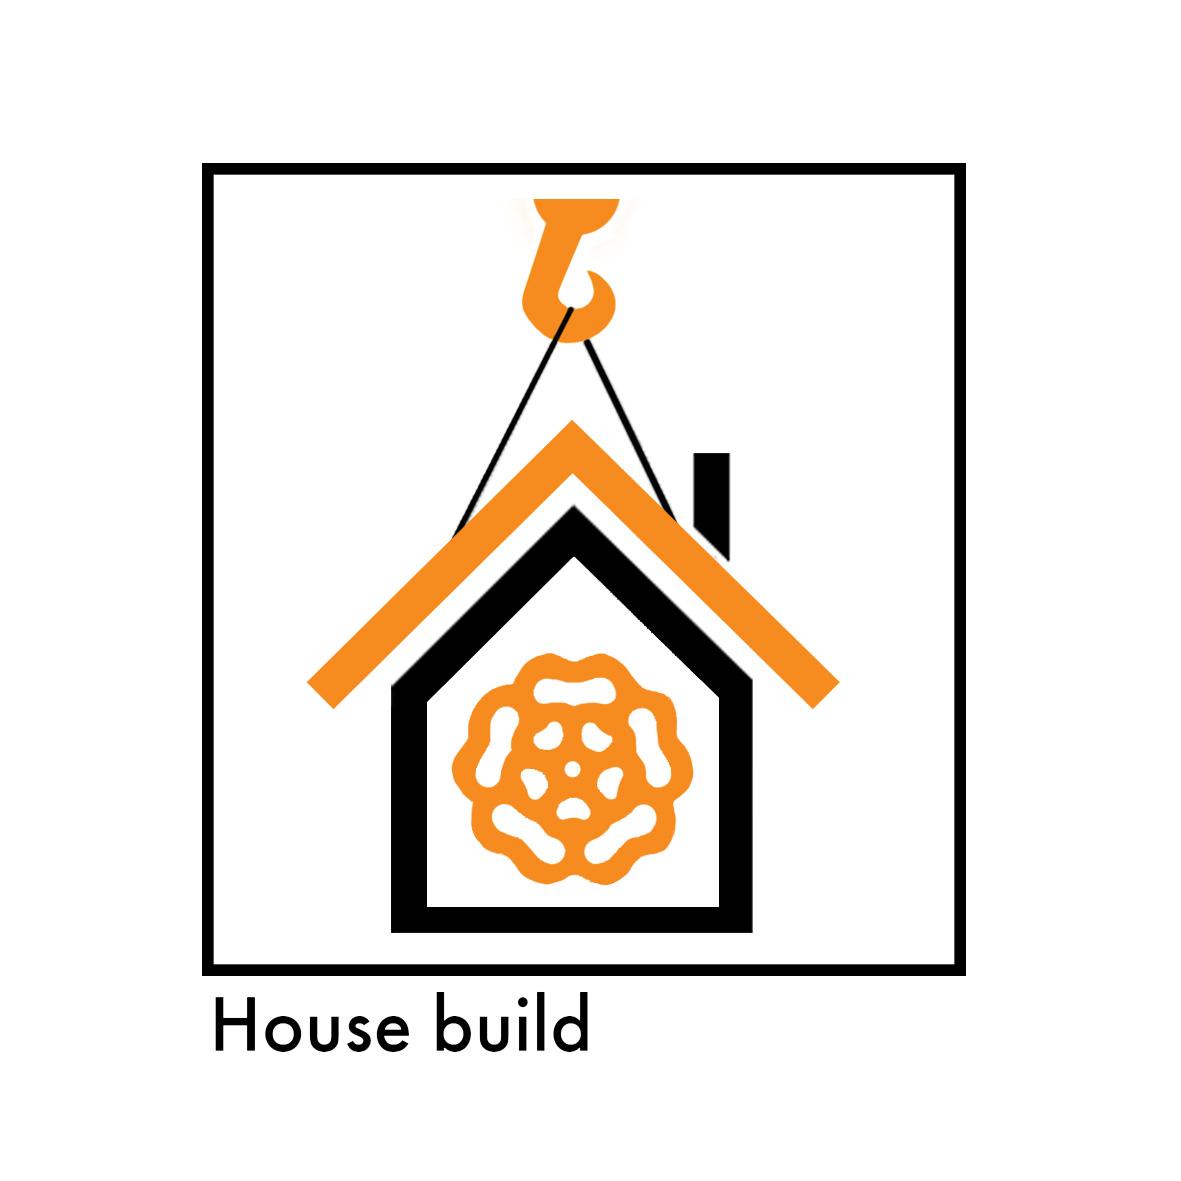 100 x100mm house build.jpg